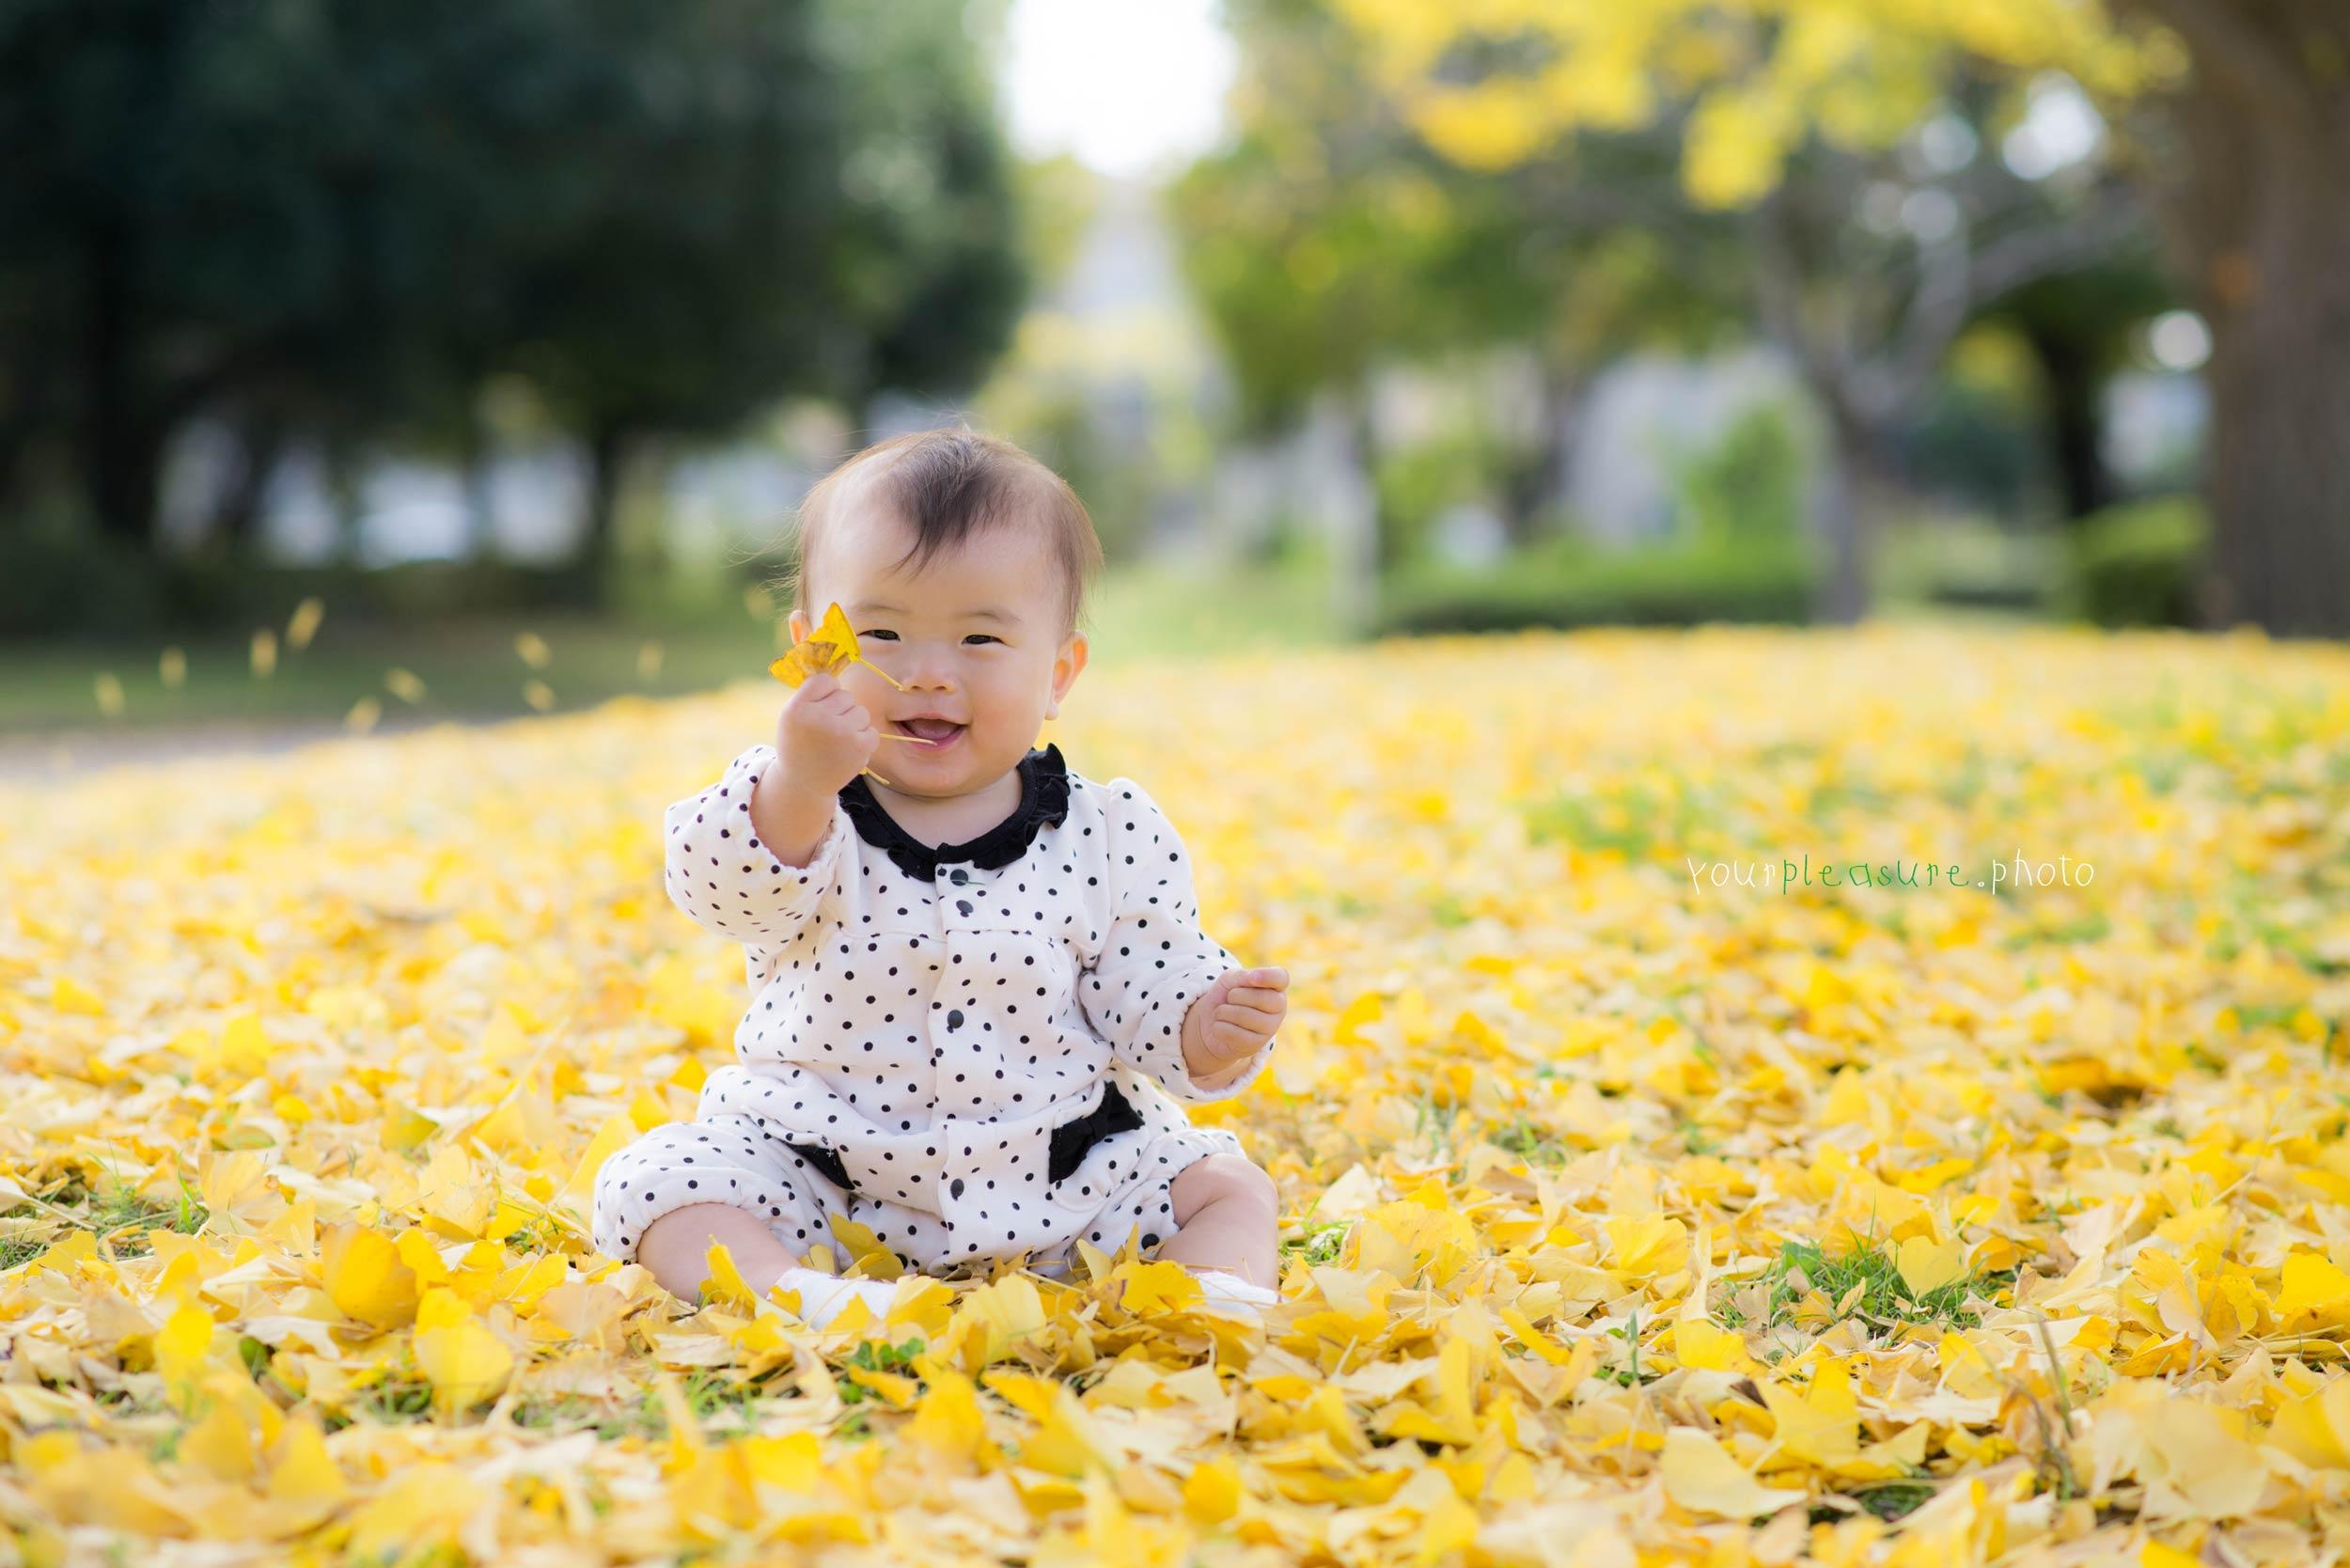 ねこである|埼玉県|川越市|赤ちゃん写真